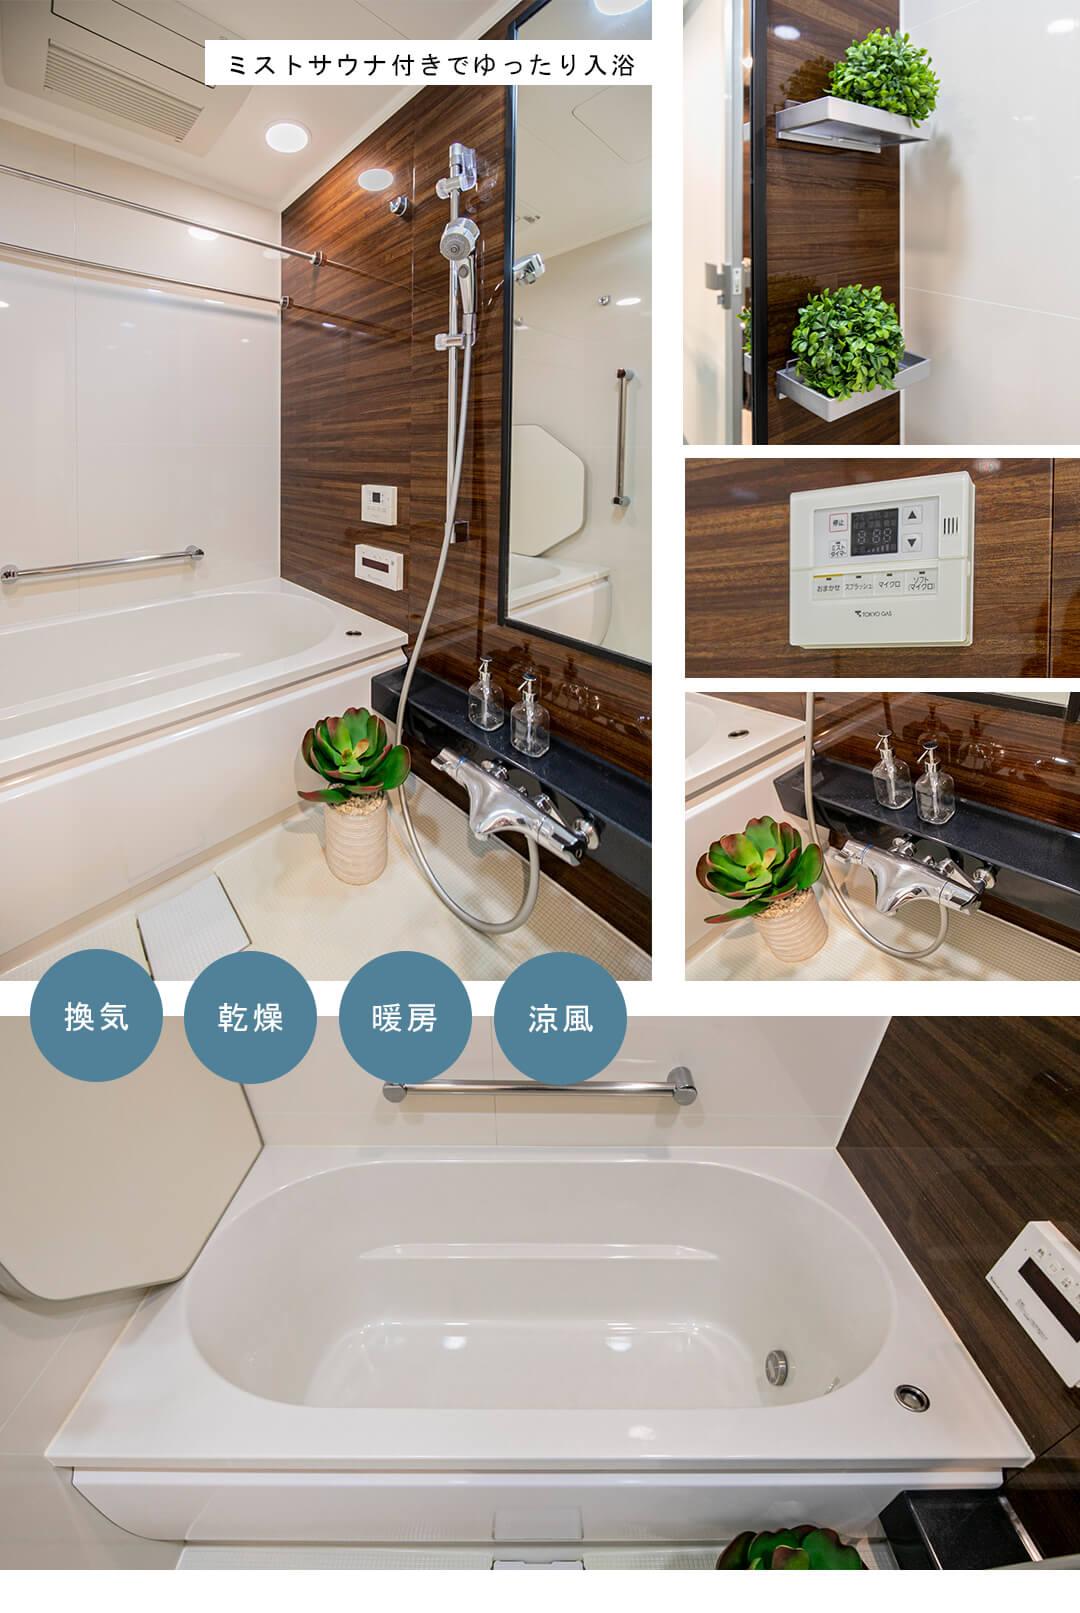 ザ・パークハウス茗荷谷の浴室